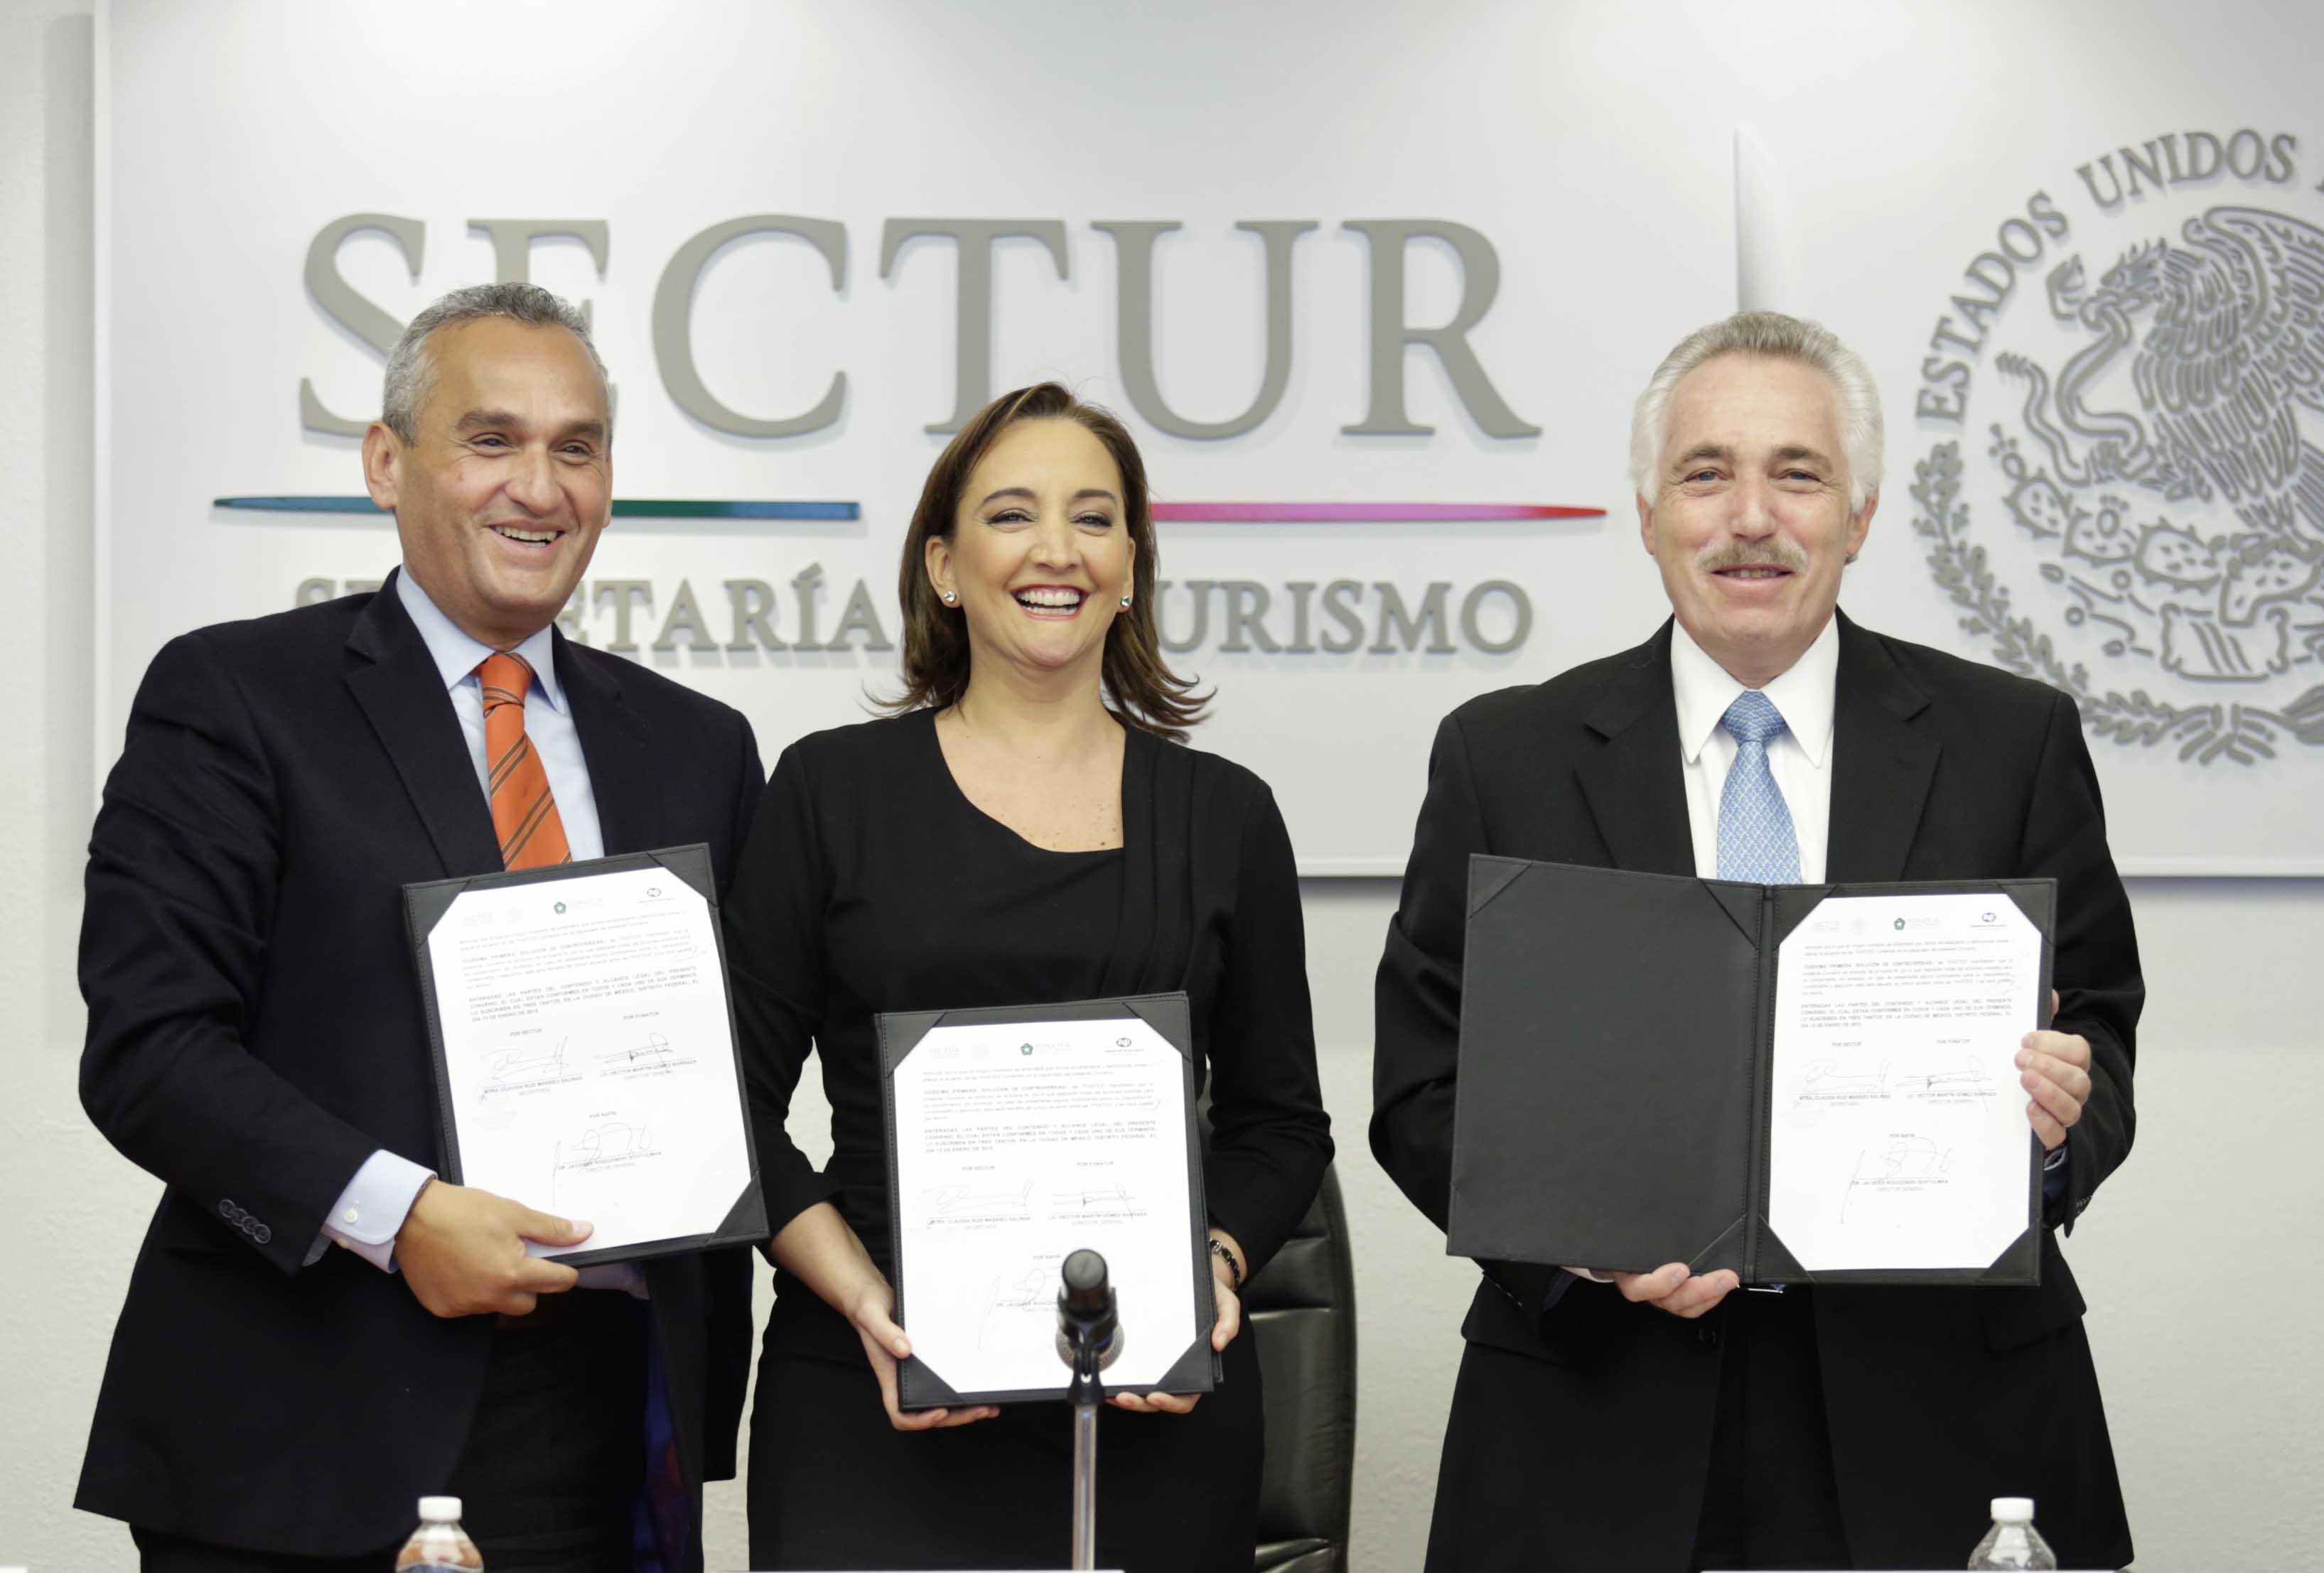 Claudia Ruiz Massieu y los titulares de Nafinsa y el Fonatur, Jacques Rogozinski y Héctor Gómez Barraza, respectivamente, establecen bases para incorporar a empresas turísticas a programas de fomento de esta banca de desarrollo, en todos sus niveles.